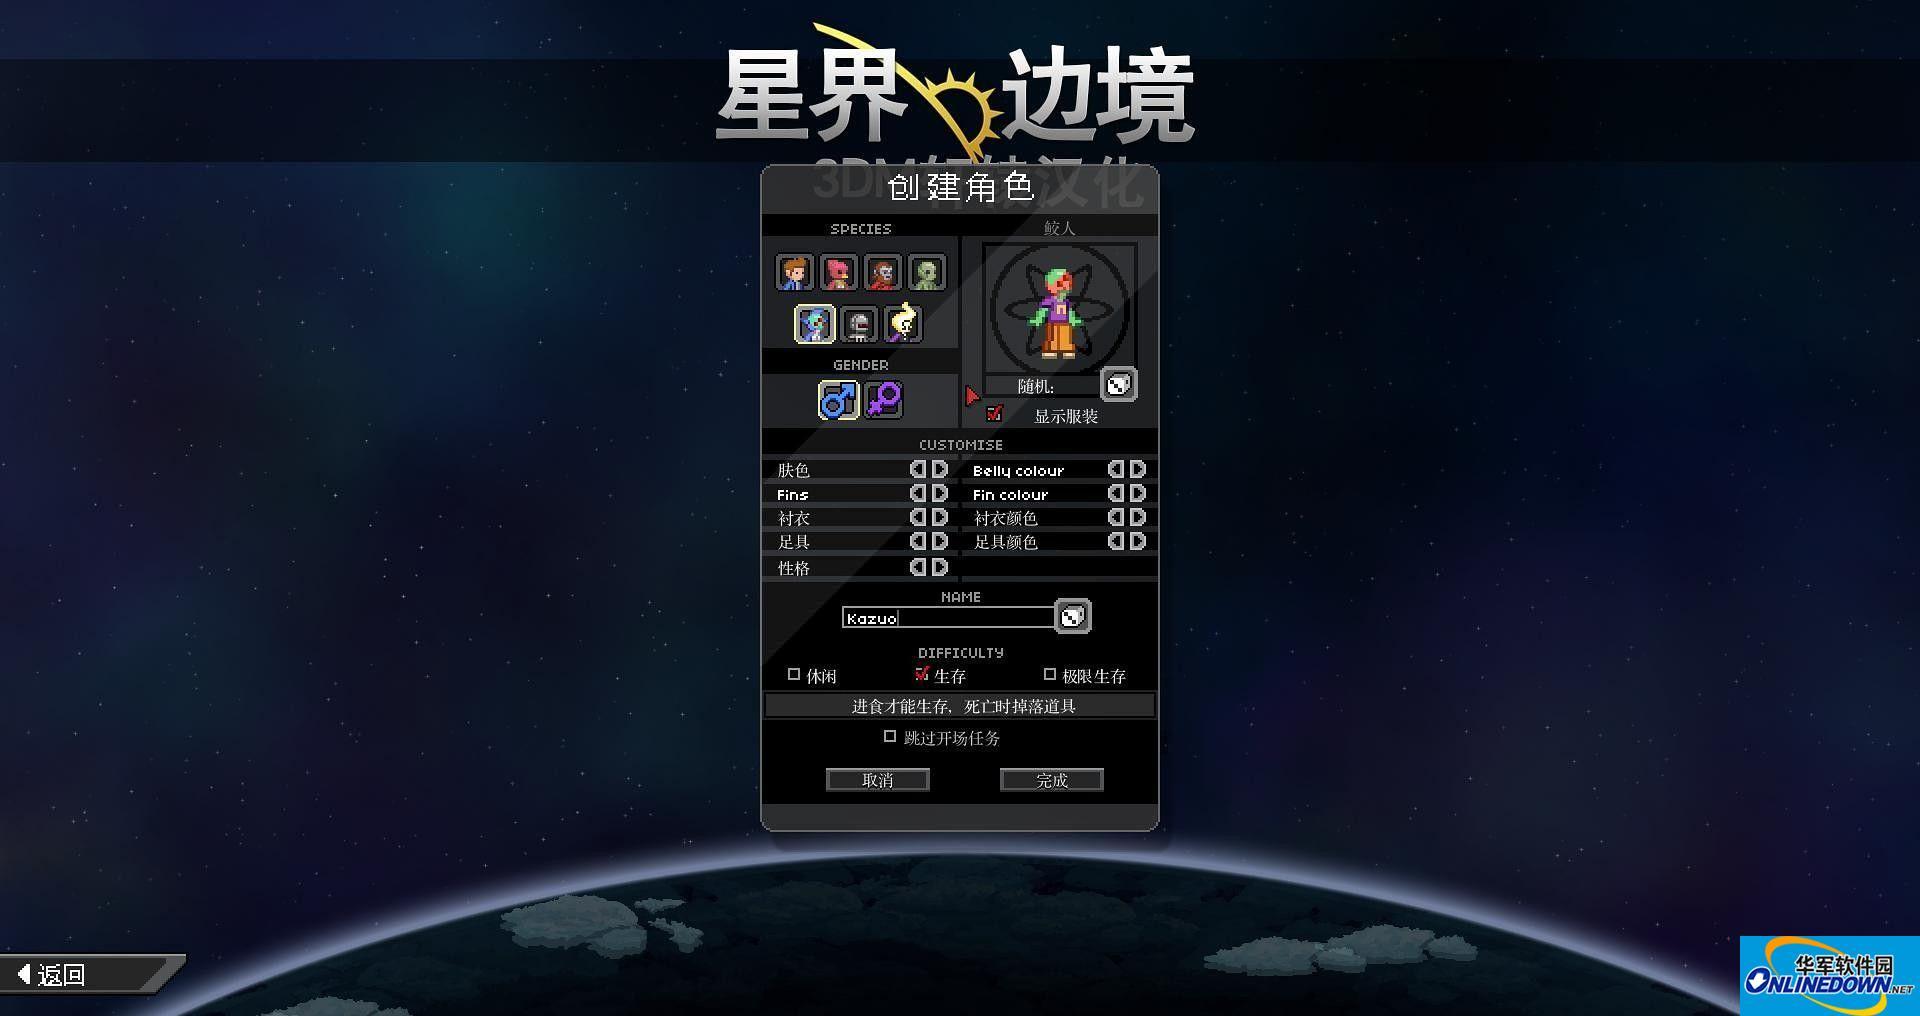 星界边境3DM轩辕汉化版补丁v4.6